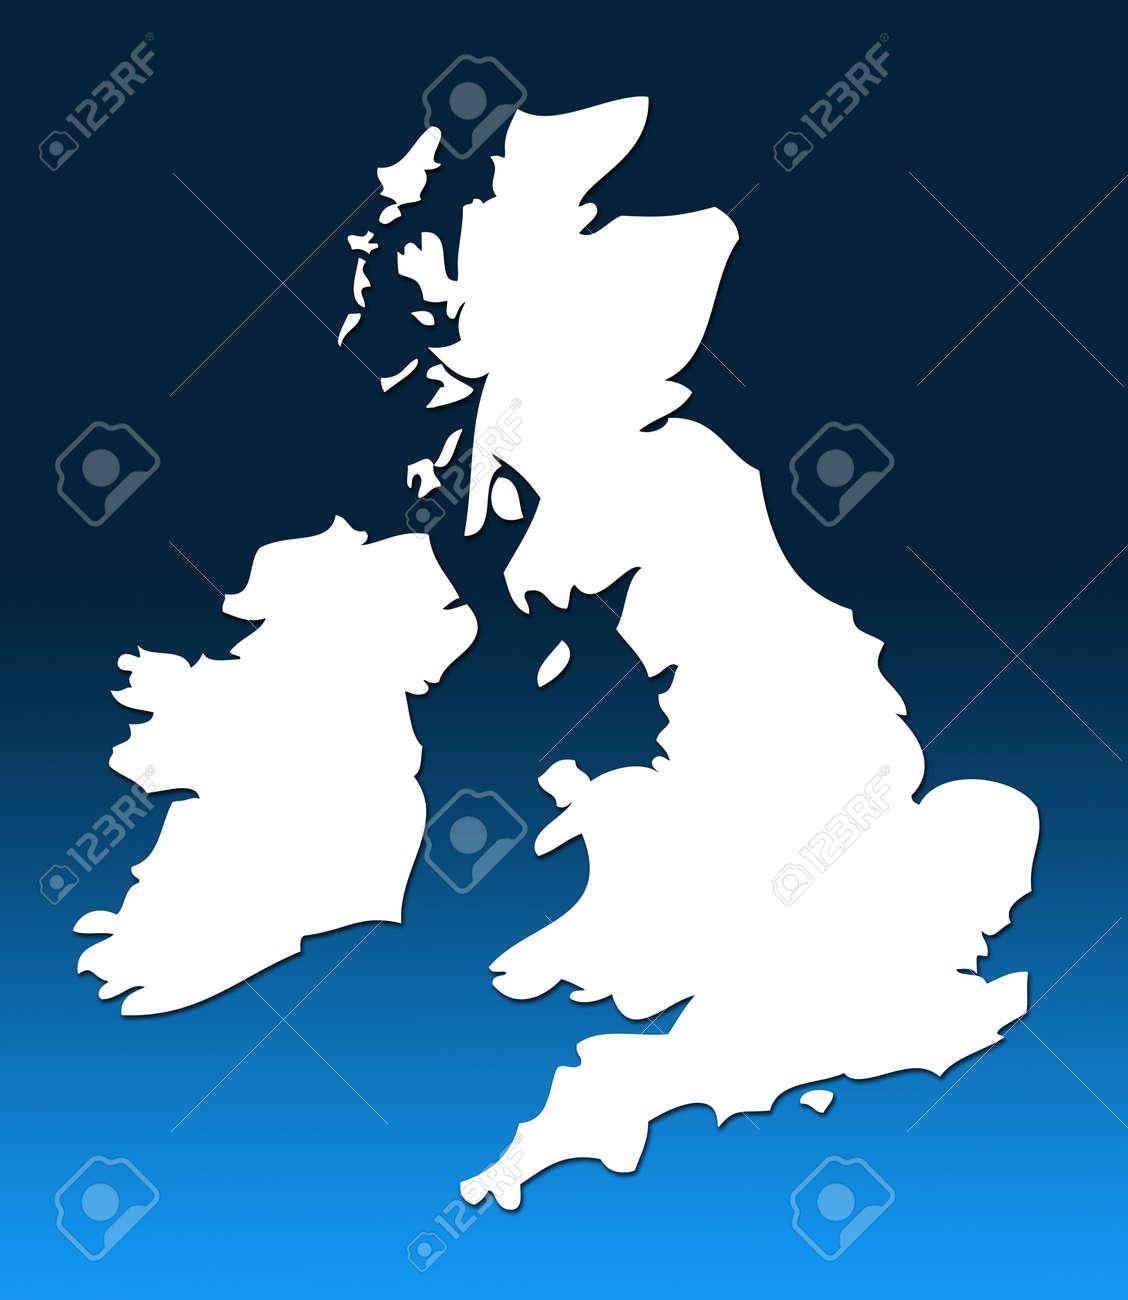 Regno Unito Cartina Muta.Immagini Stock Cartina Muta Del Regno Unito Bianco Su Blu E Laureato Sfondo Image 12057003